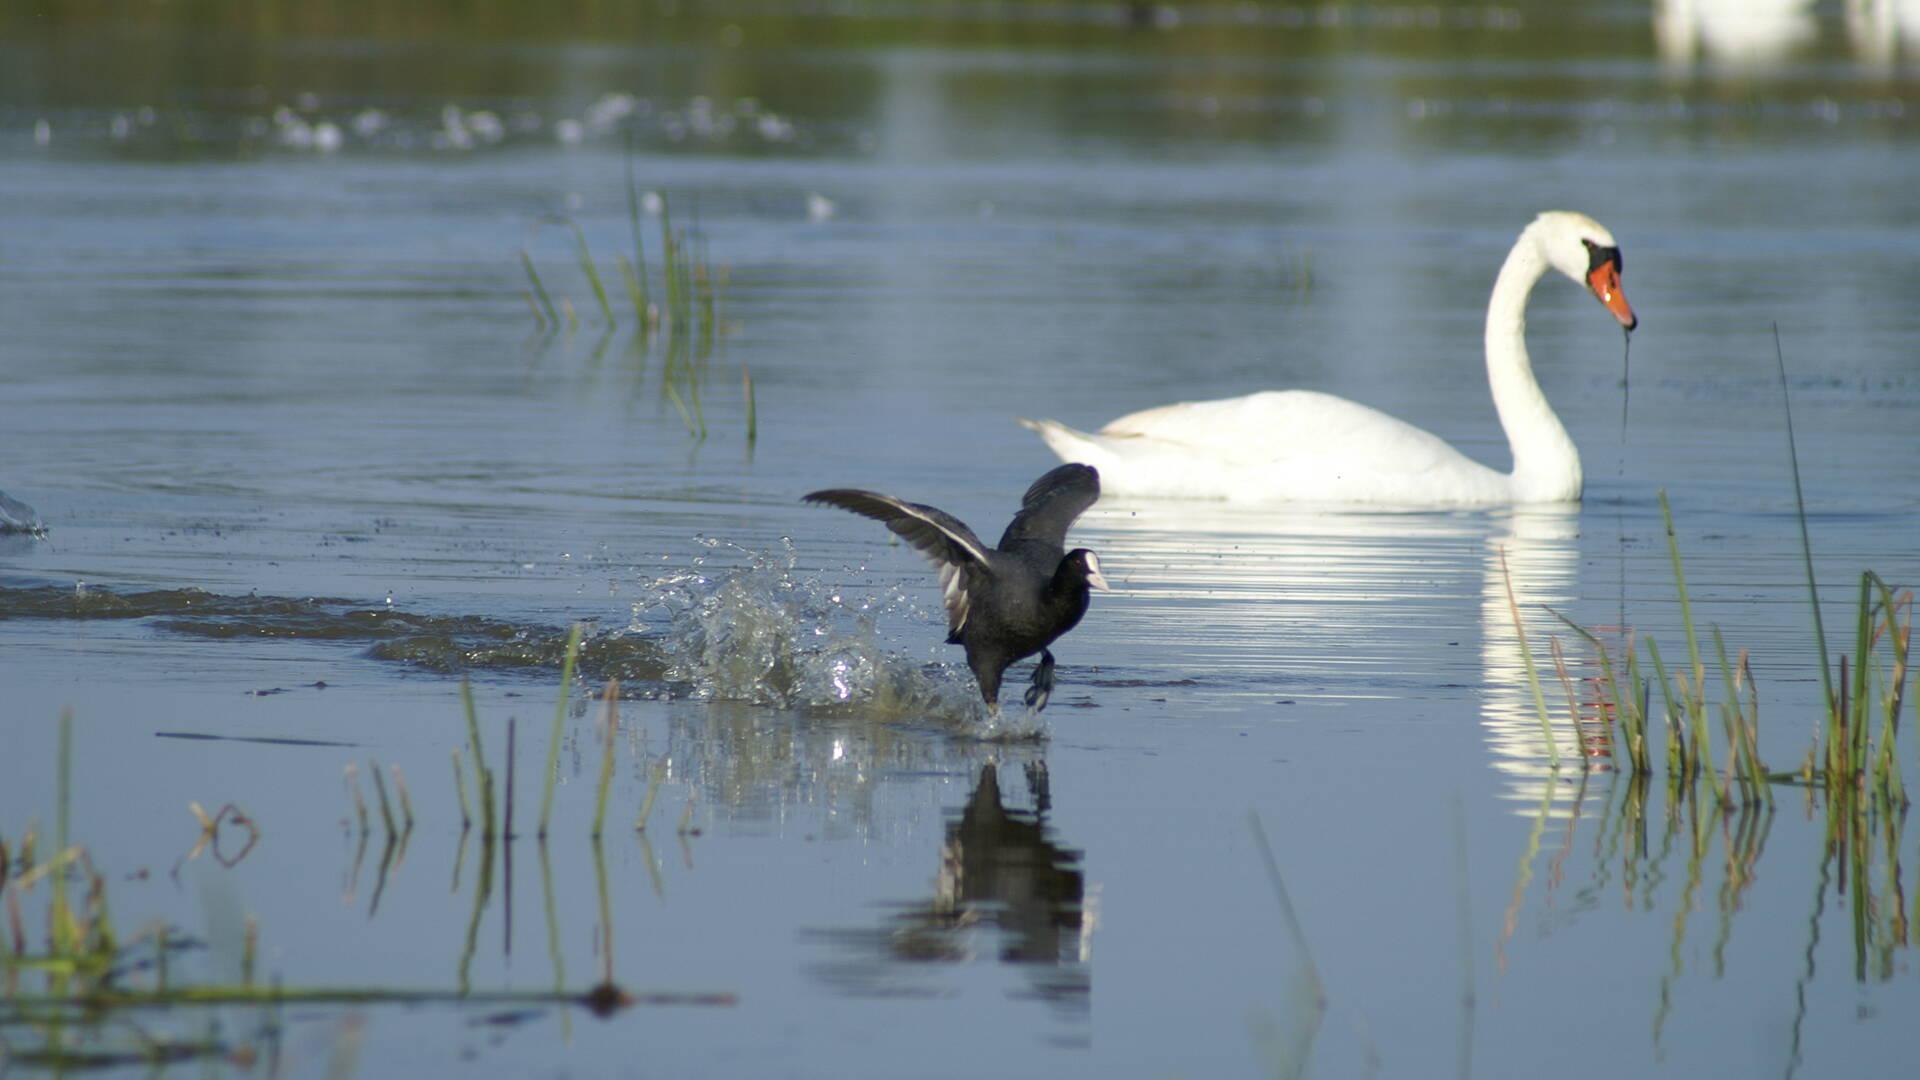 Cygne et oiseau en réserve naturelle © Audrey Deshayes